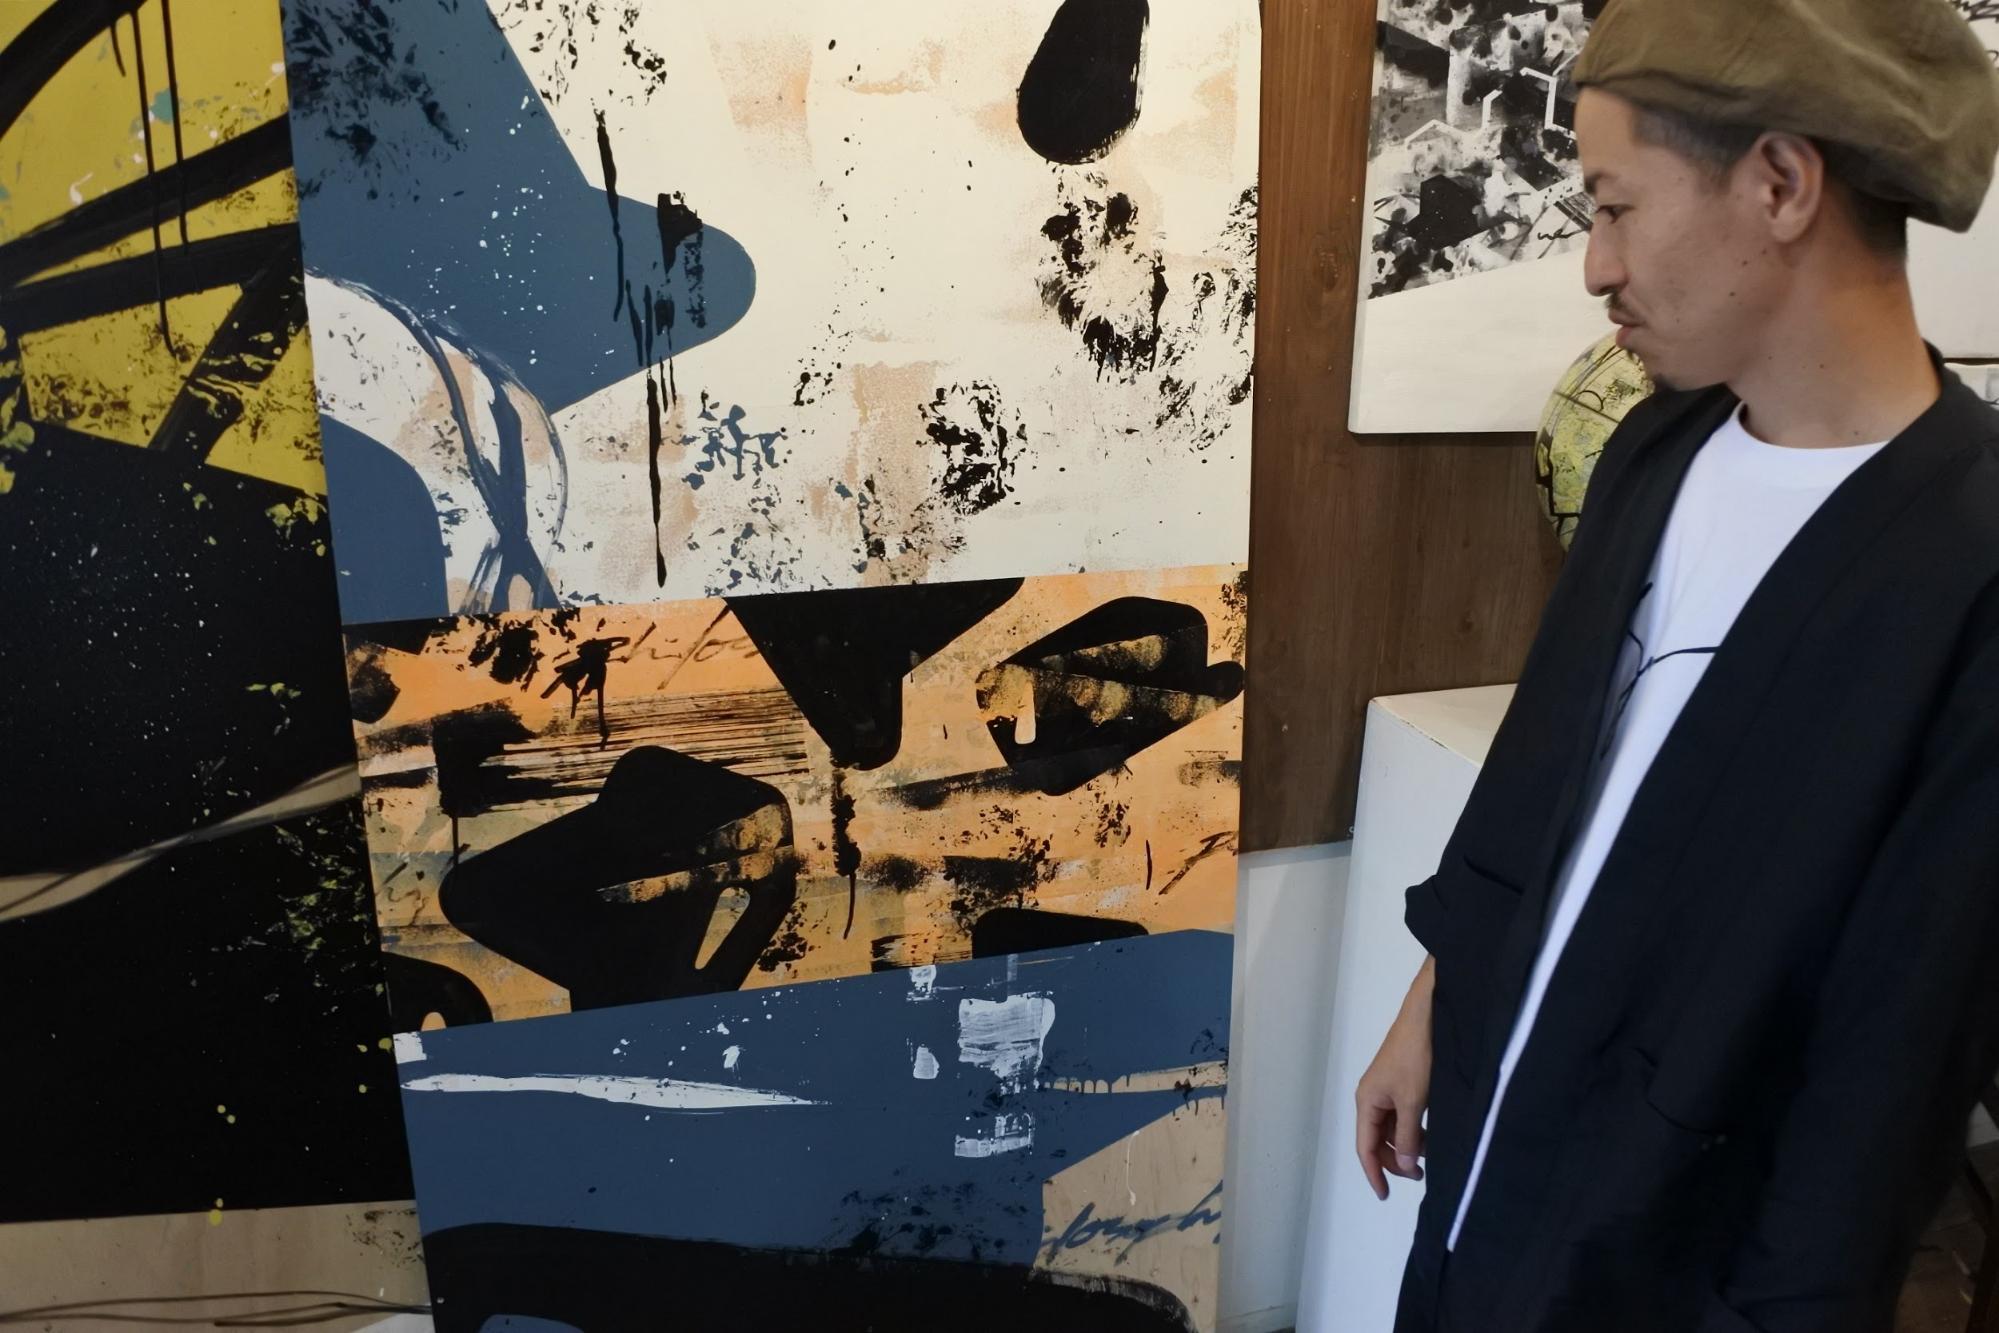 絵の説明をされるDENPAさん | Photo by Masaya Morita